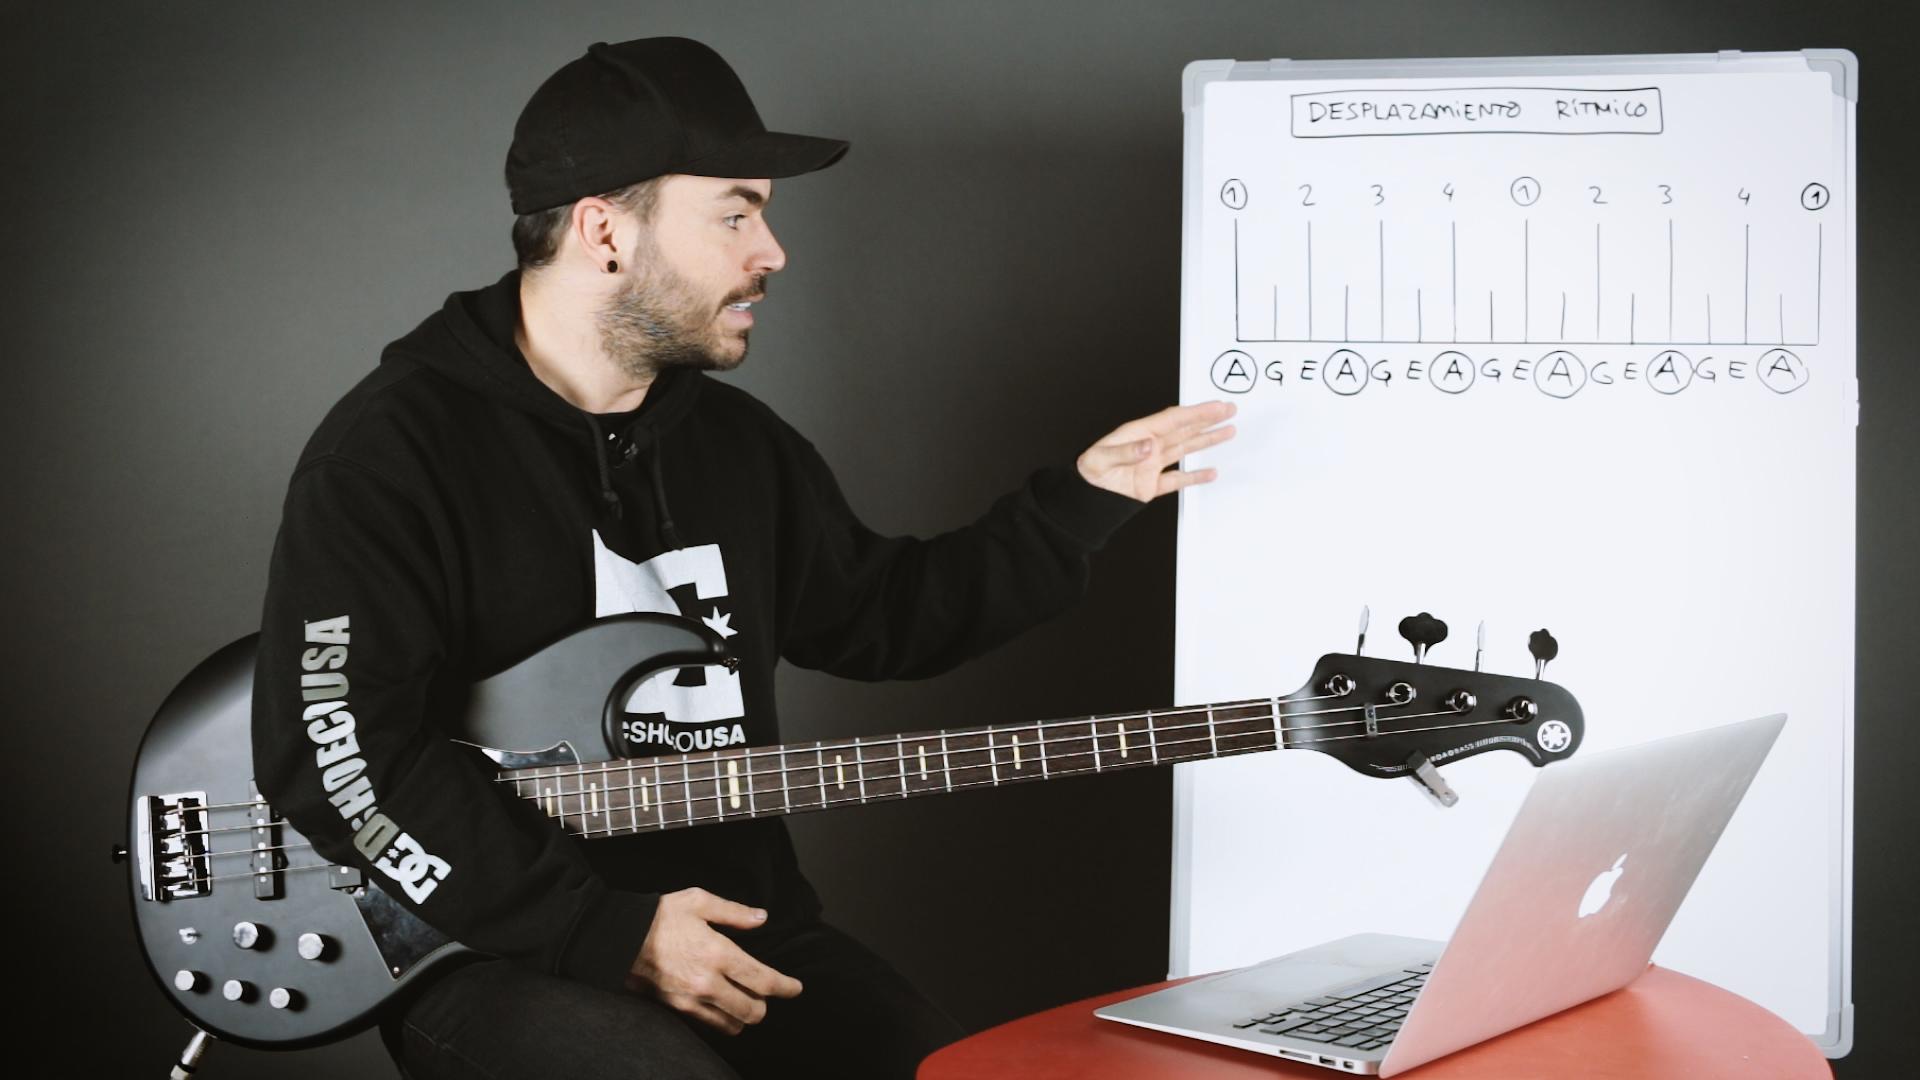 Desplazamiento rítmico (principiante)